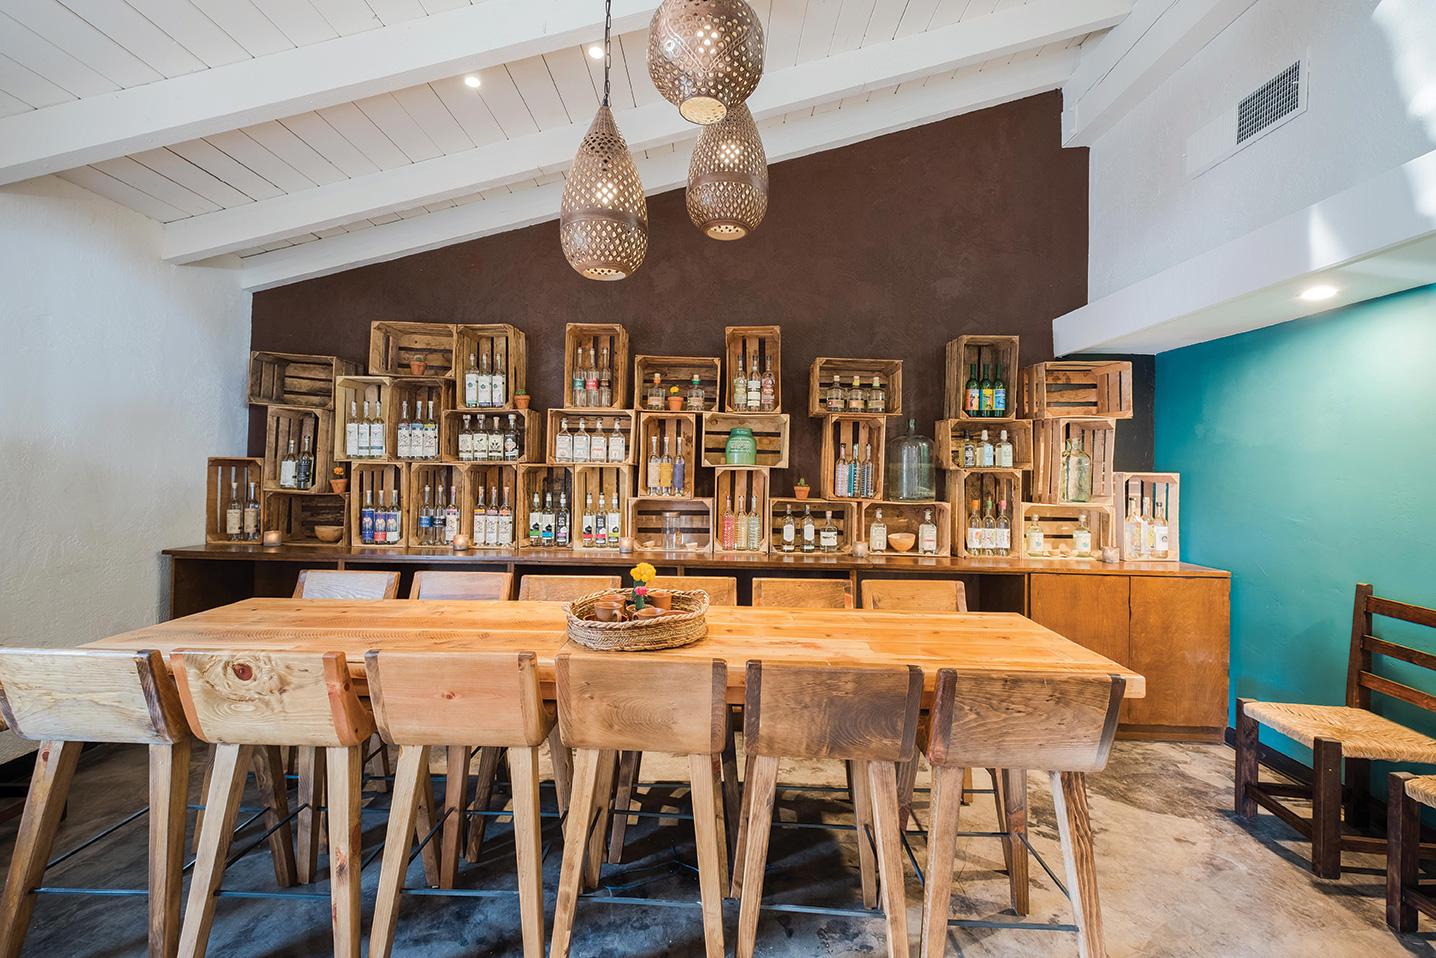 Tahona san diego old town tasting room mezcal